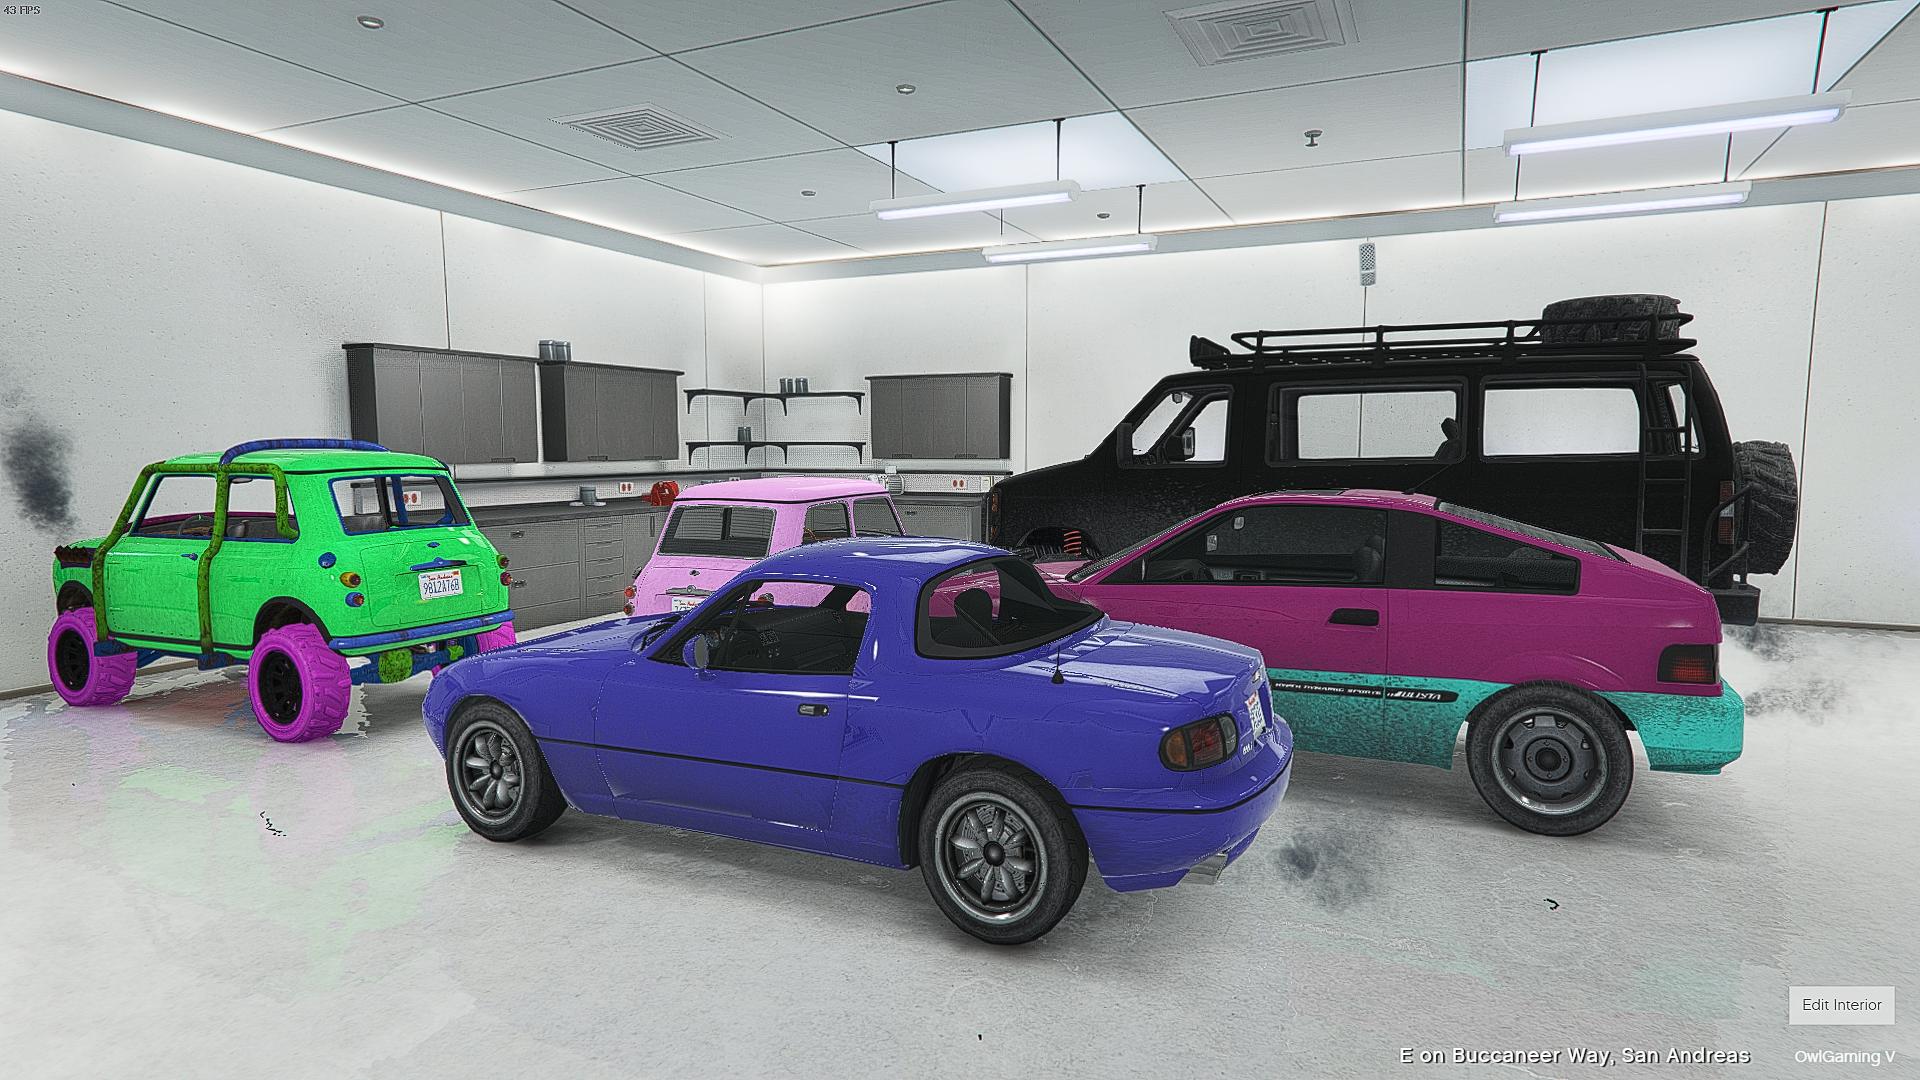 Grand_Theft_Auto_V_Screenshot_2020.05.06